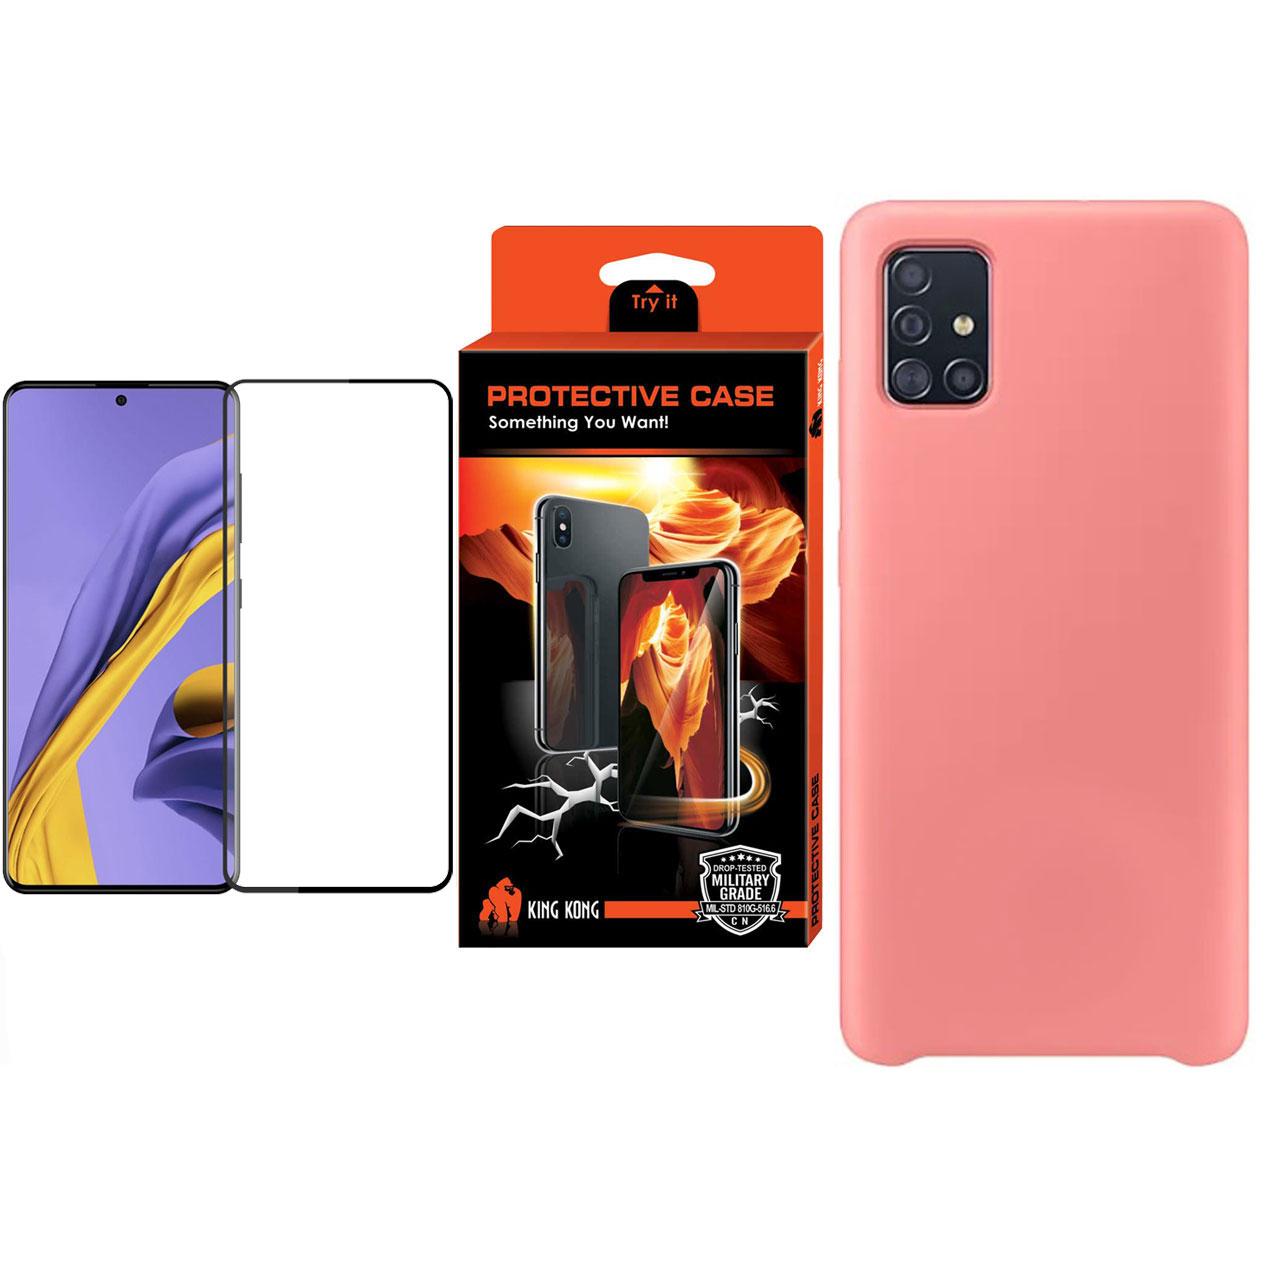 کاور کینگ کونگ مدل SLCN مناسب برای گوشی موبایل سامسونگ Galaxy A51 به همراه محافظ صفحه نمایش              ( قیمت و خرید)